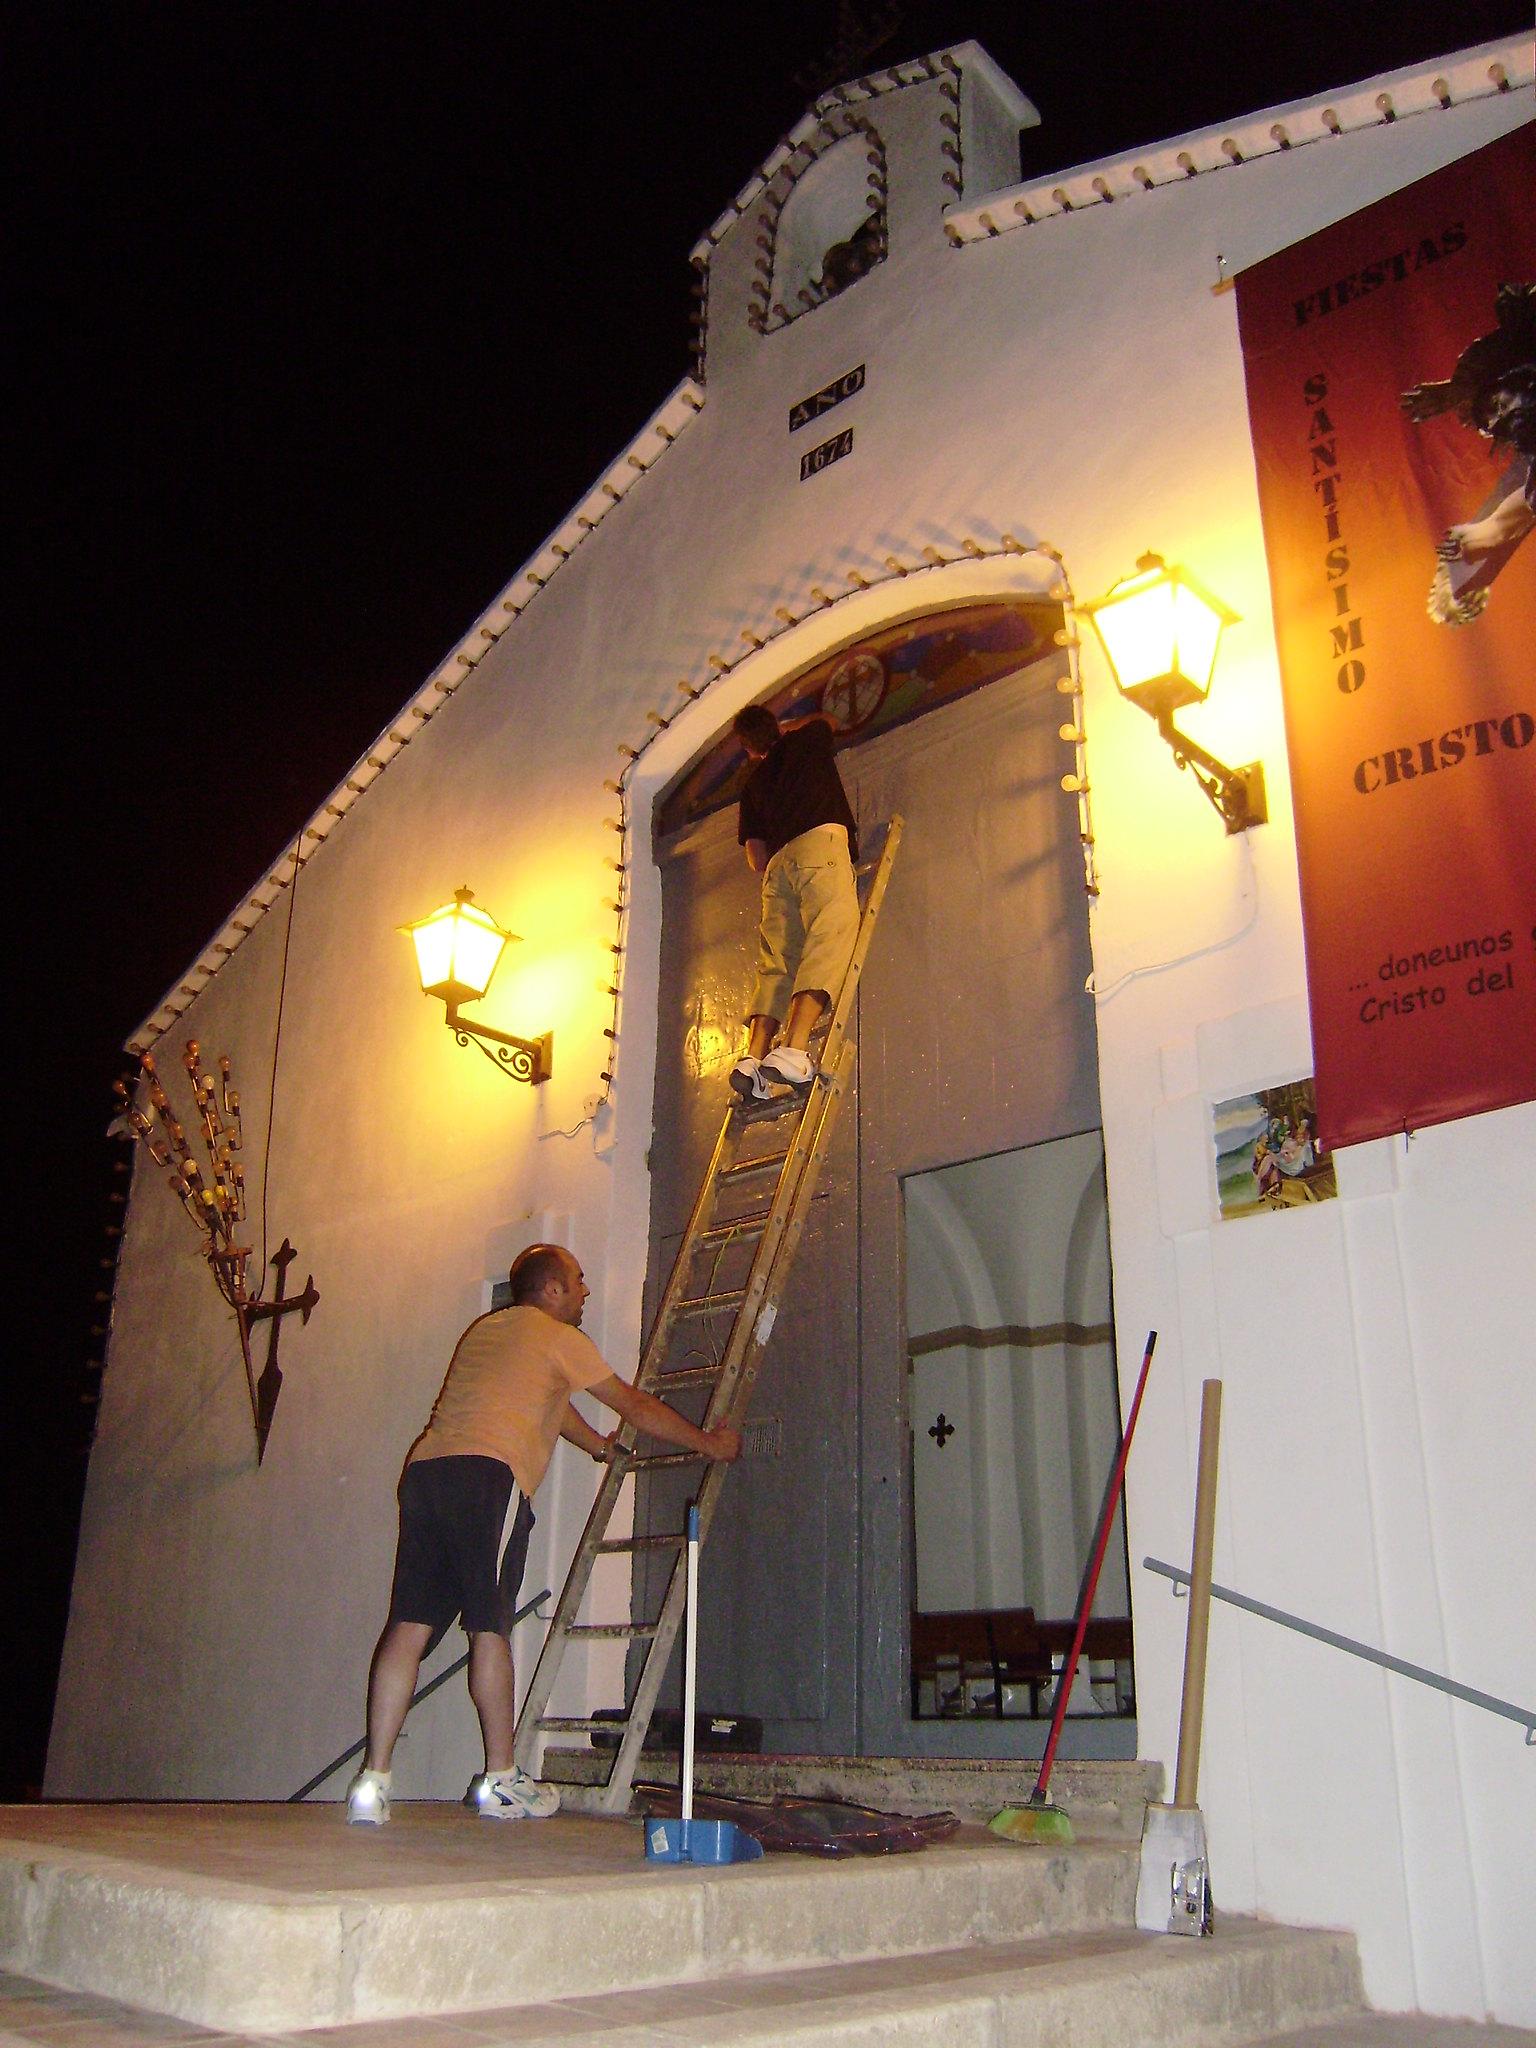 (2009-06-04) - Preparativos - Javier Romero Ripoll - (14)